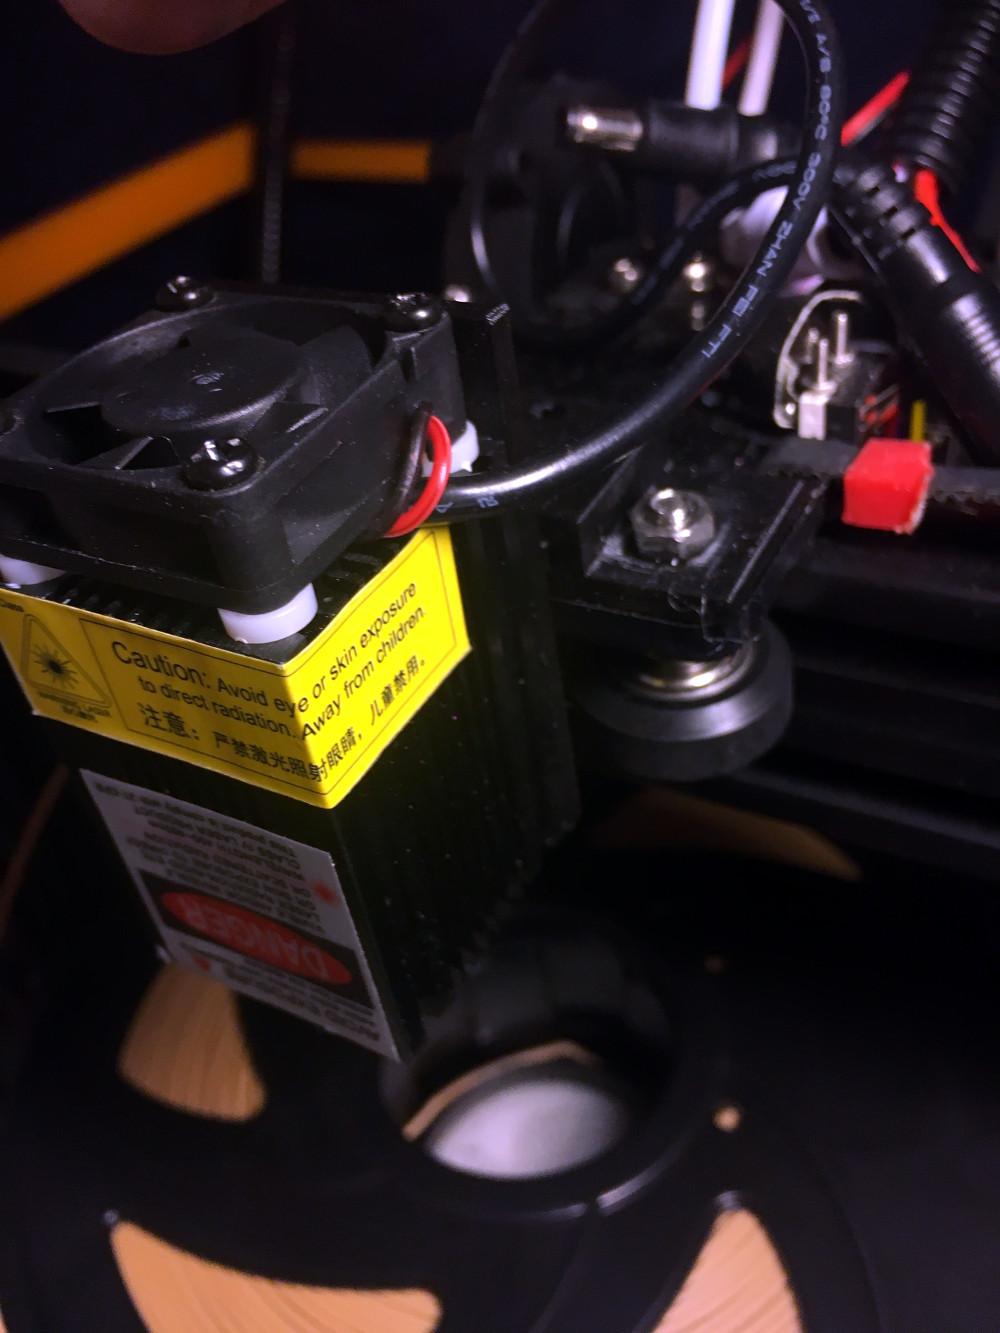 Turn A Cheap 3D Printer Into A Cheap Laser Cutter | Hackaday